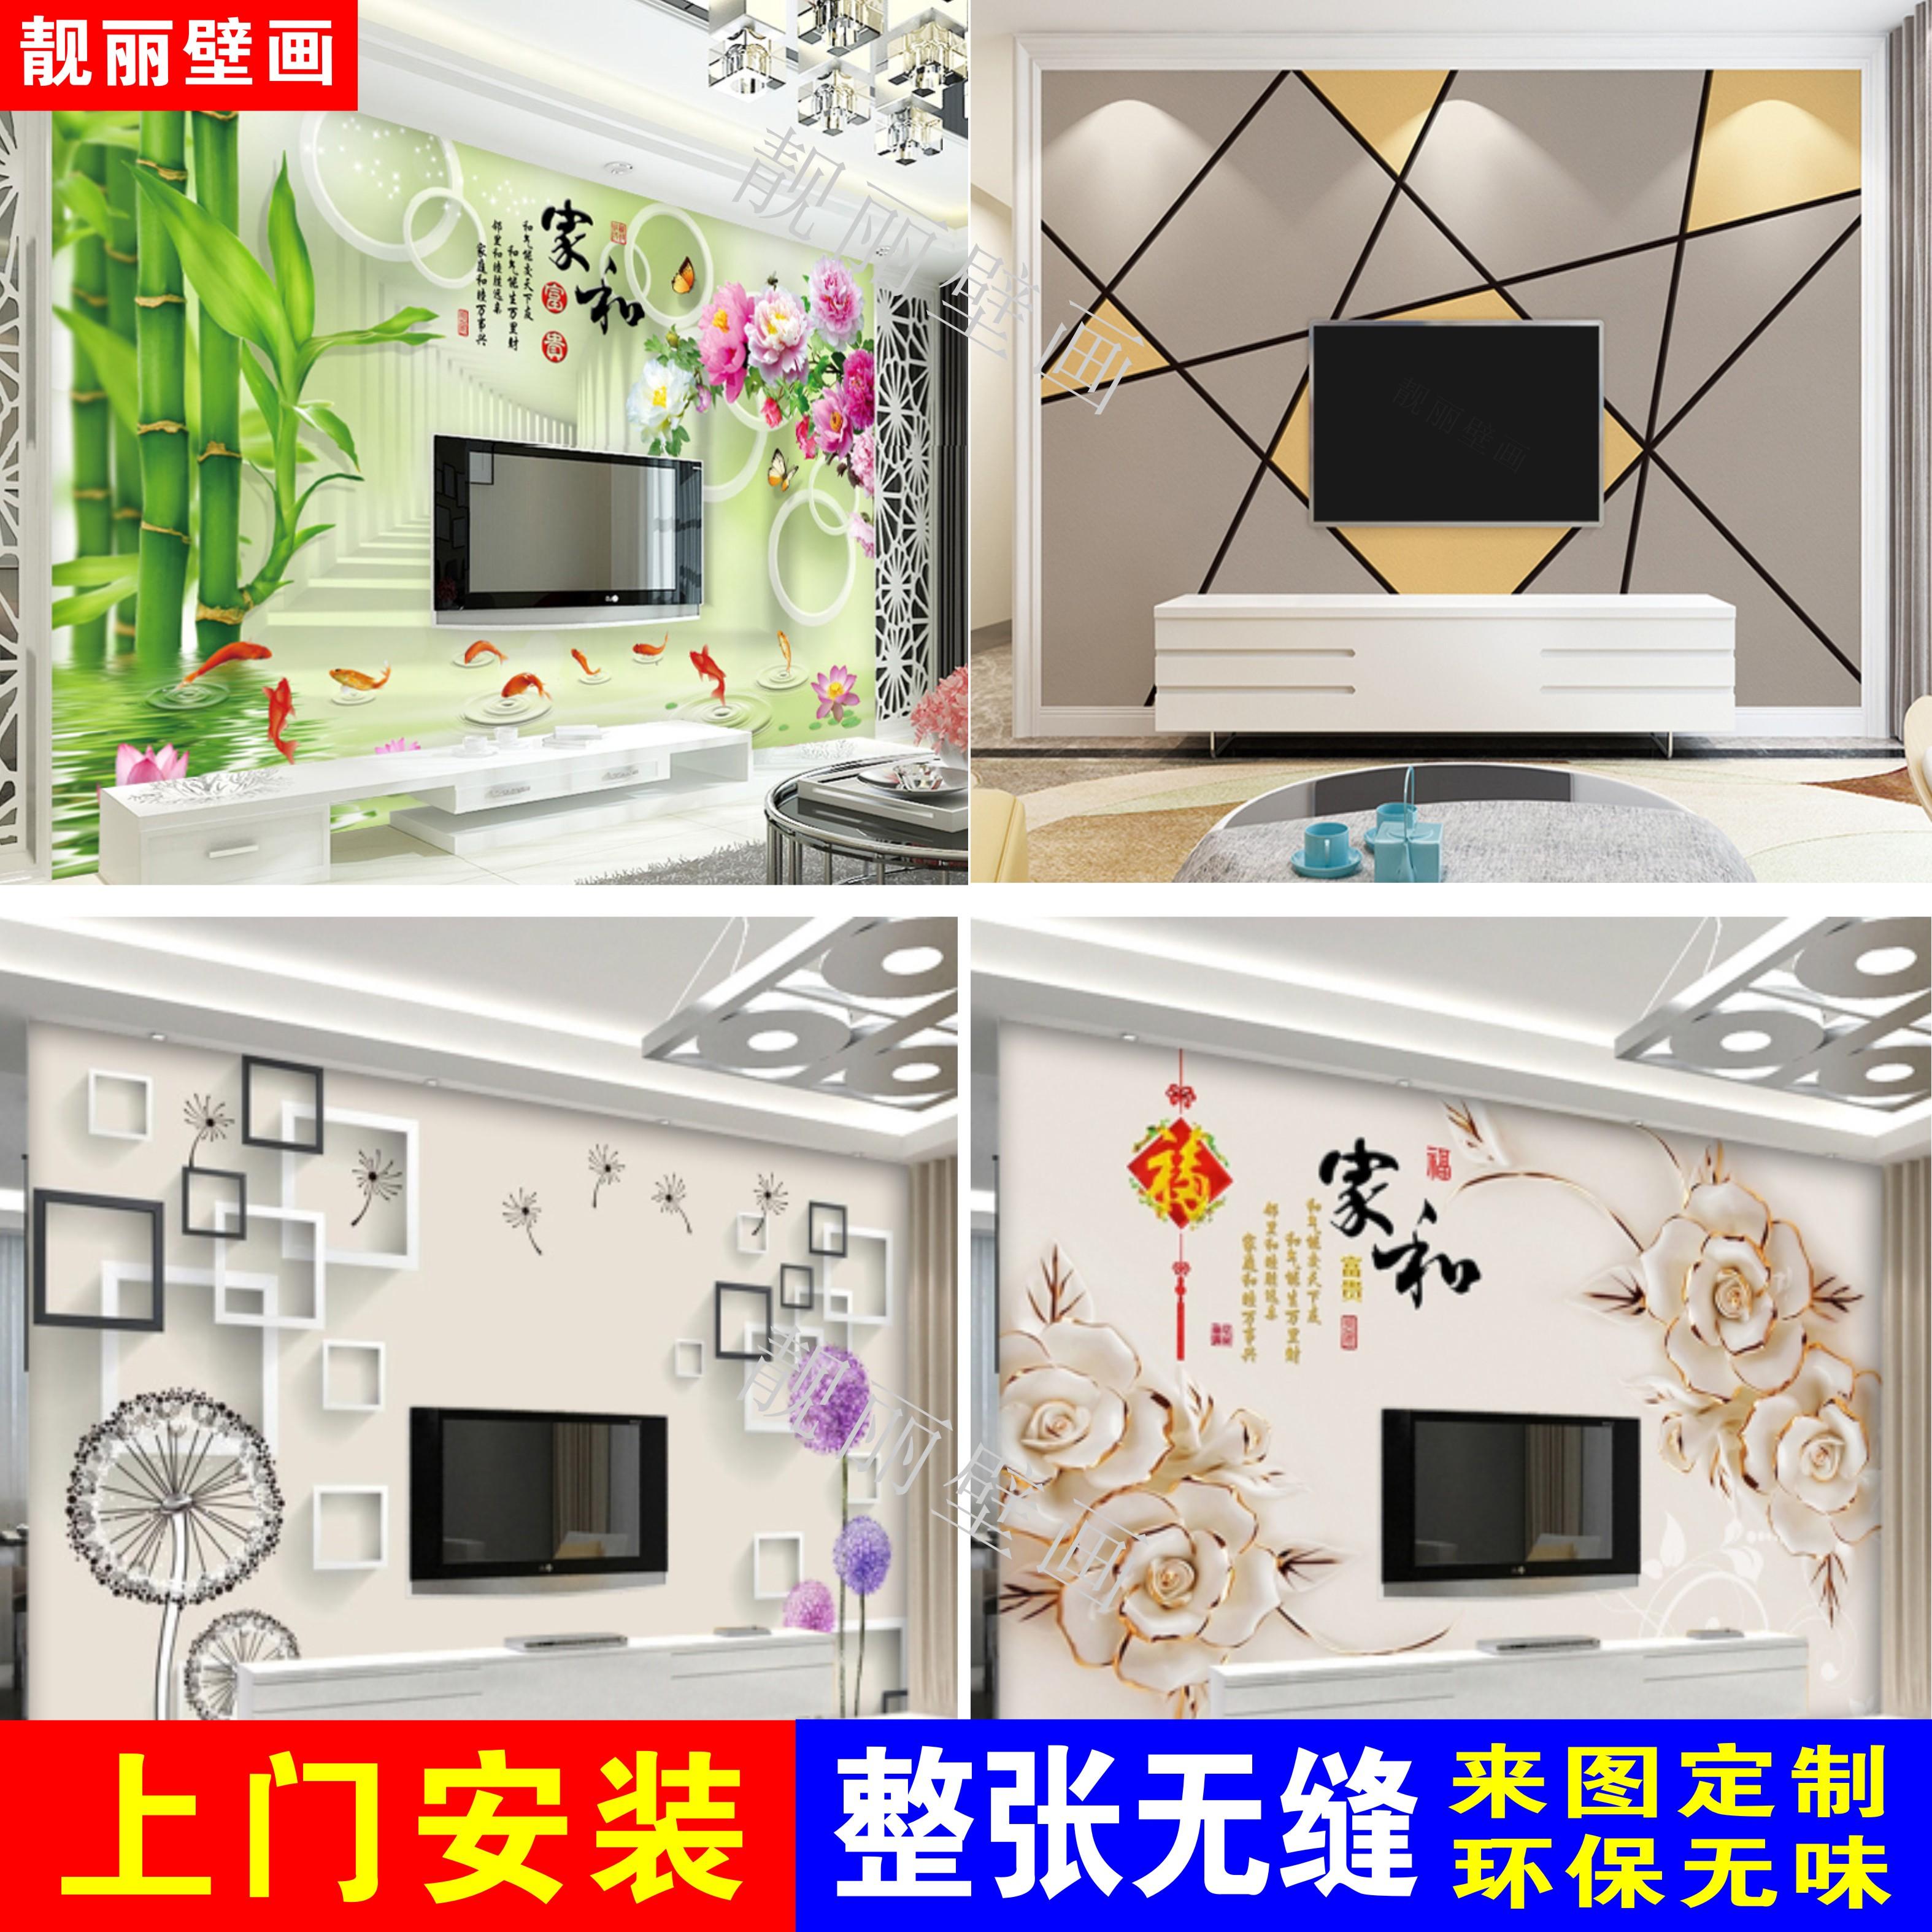 电视背景墙壁纸3D立体墙纸现代简约客厅卧室5D壁画8d无缝影视墙布